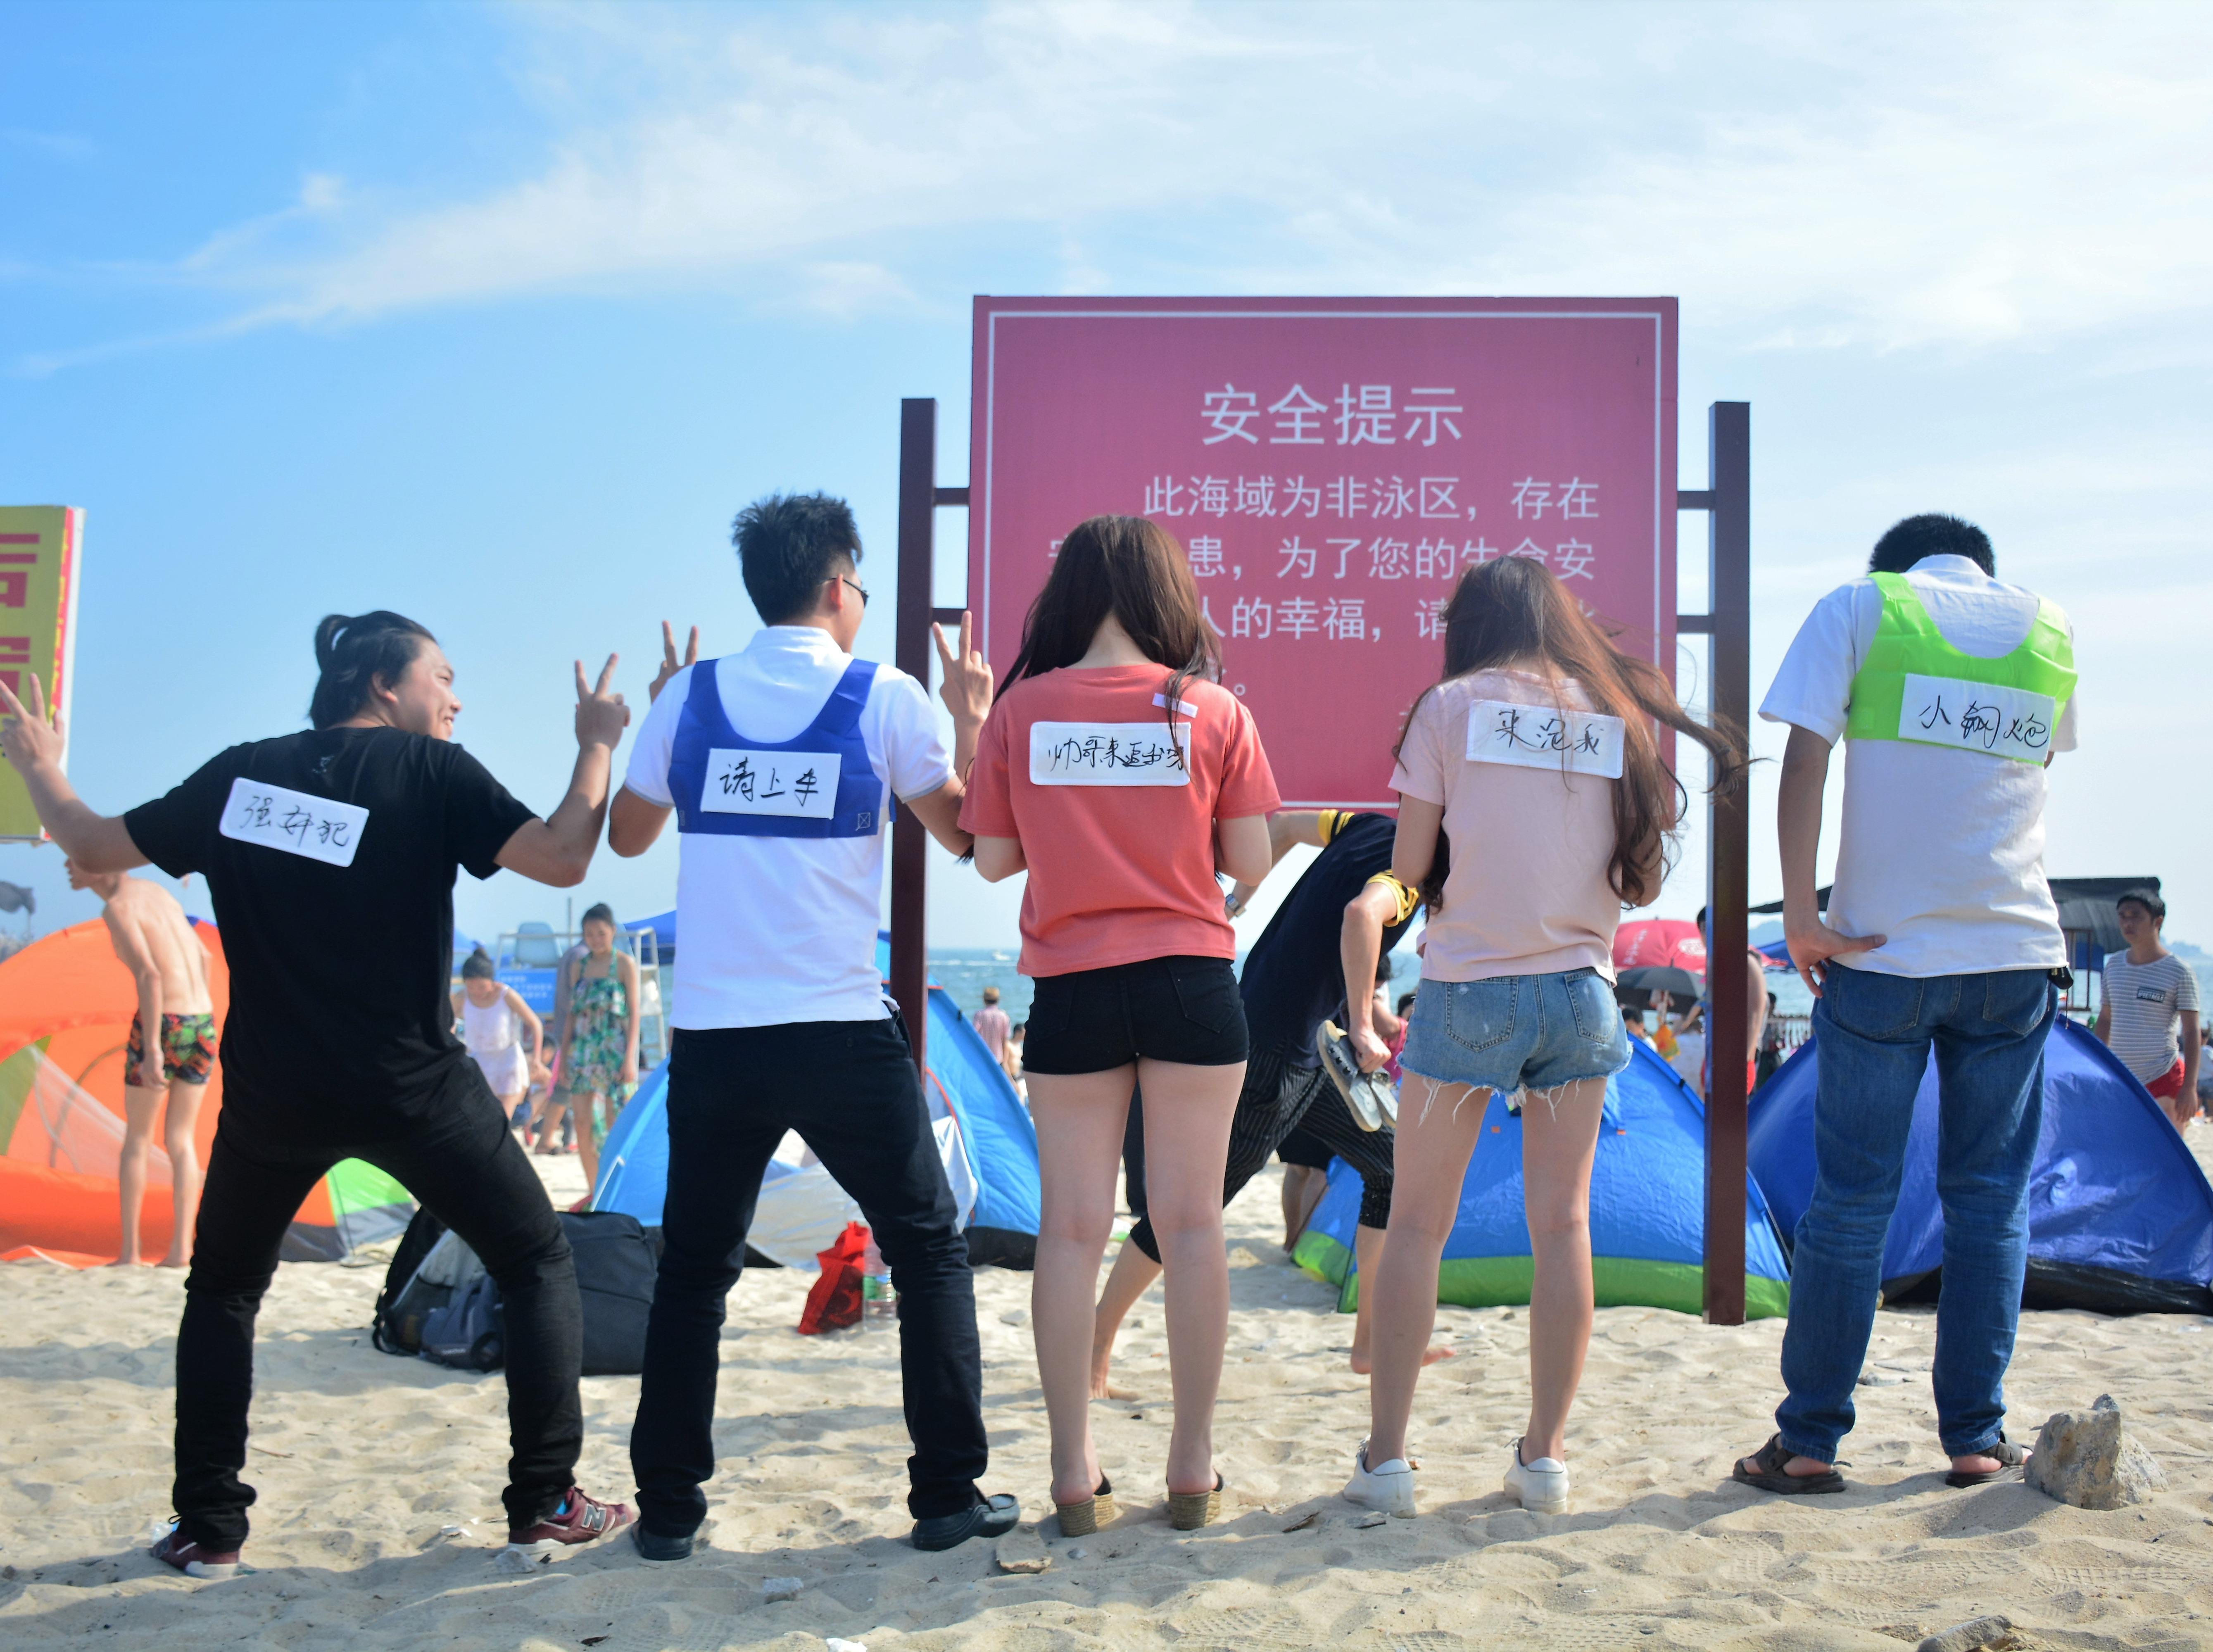 惠州虎洲湾野炊+撕名牌+体验骑马一日游